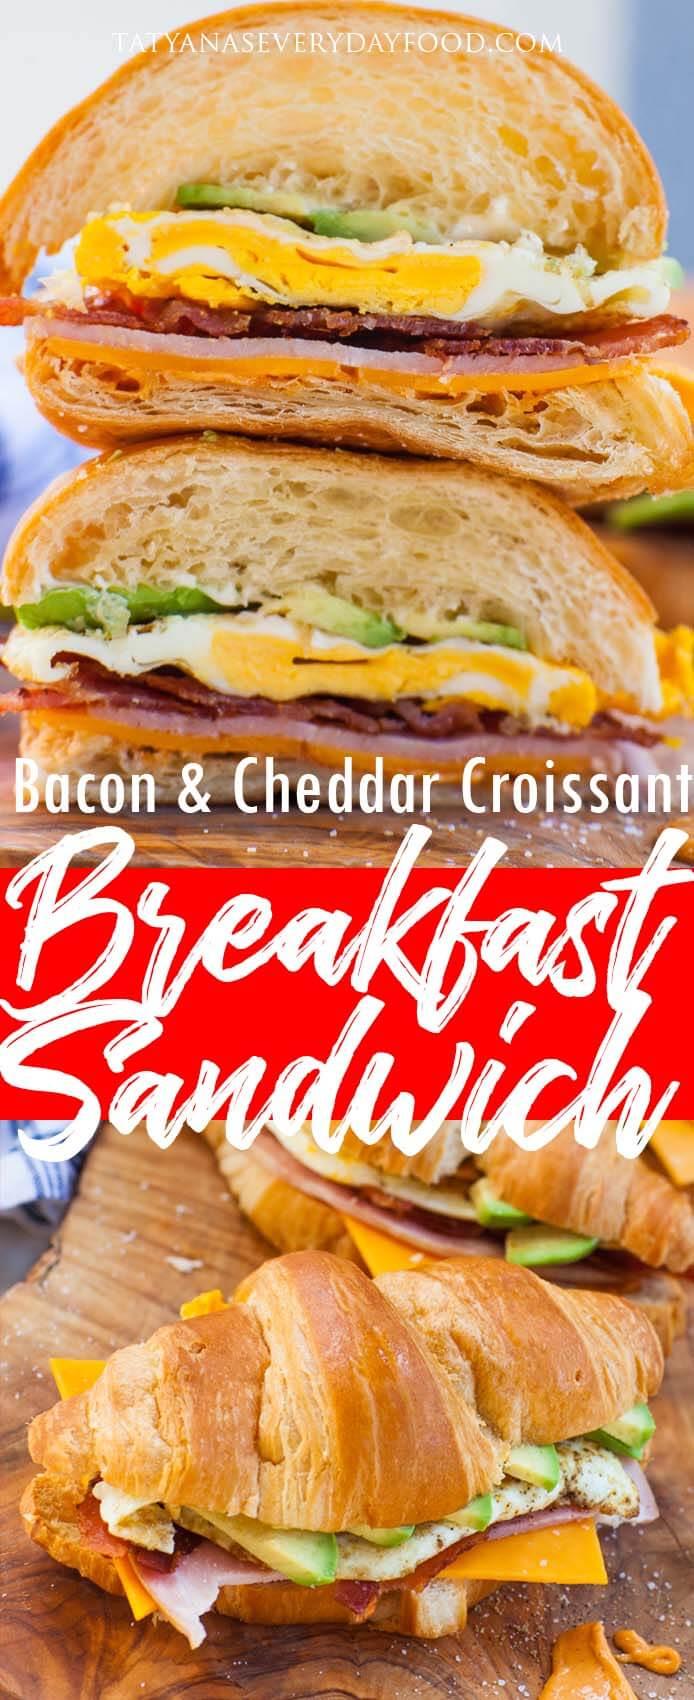 Bacon Cheddar Croissant Sandwich recipe